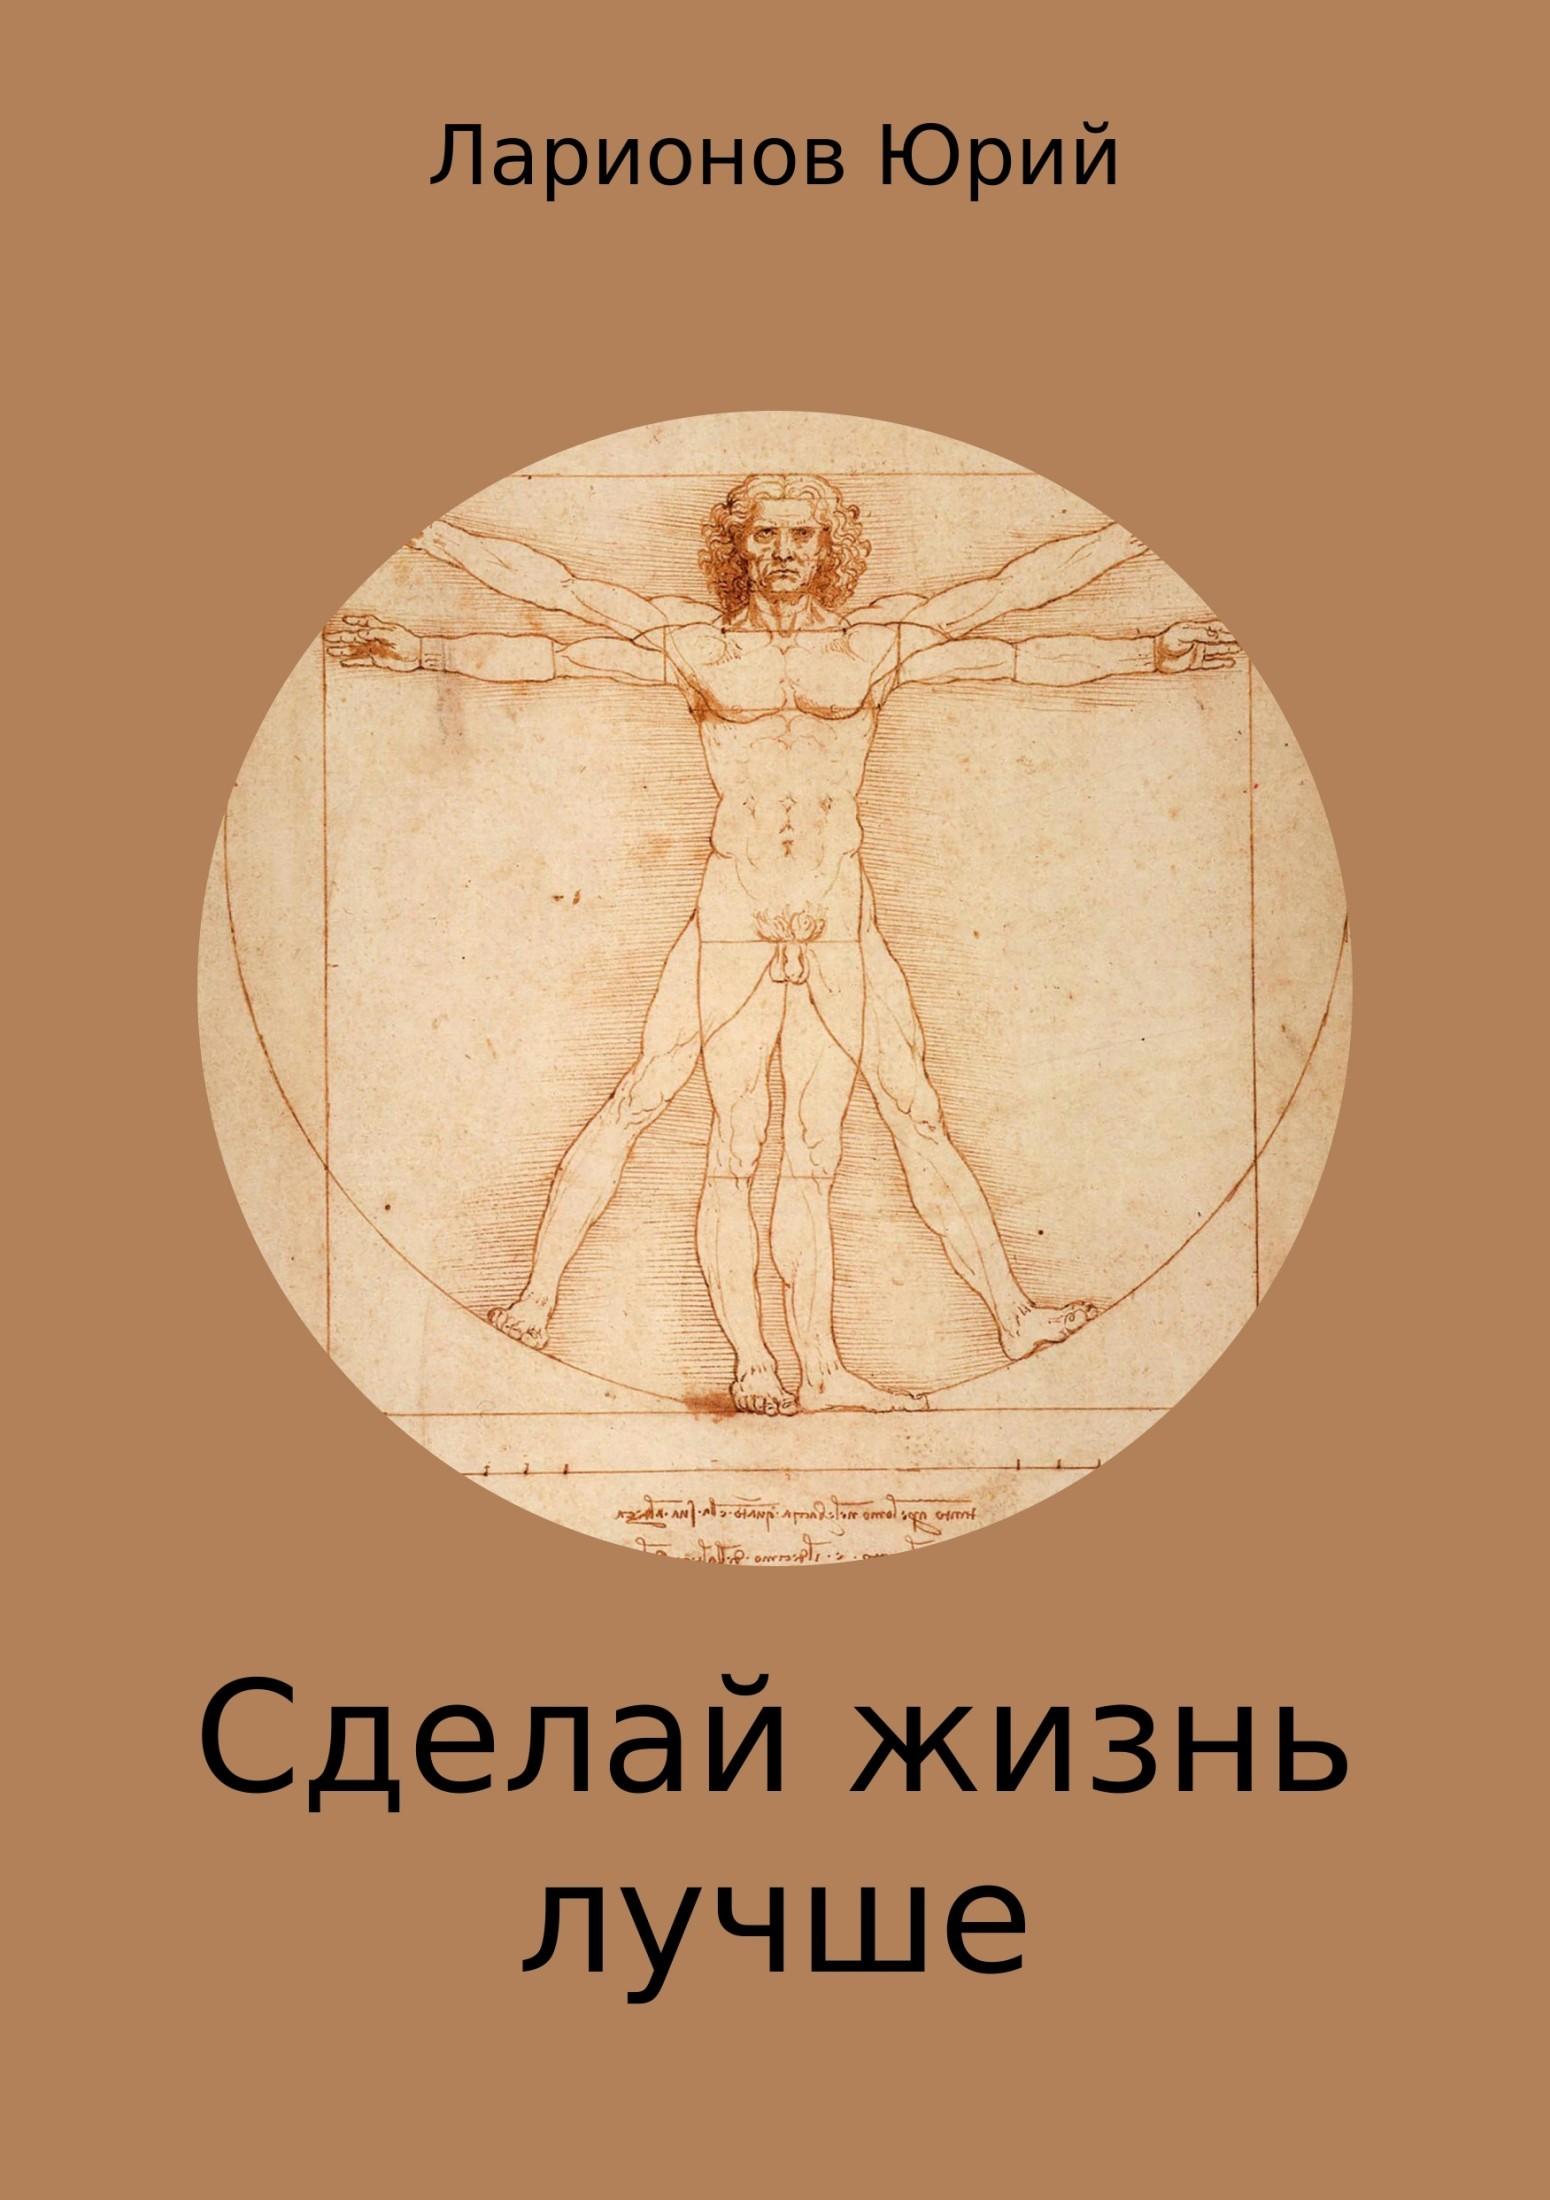 Юрий Львович Ларионов бесплатно